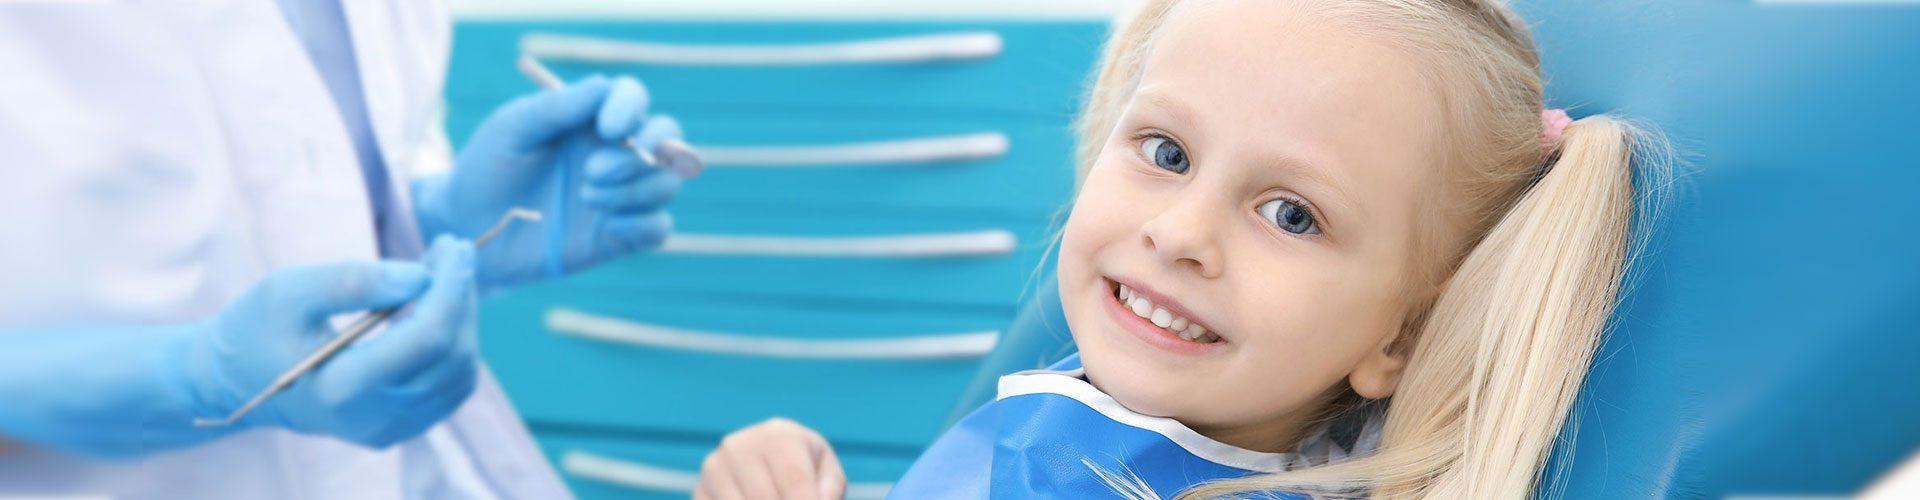 CSO Firenze, Studio Odontoiatrico Multispecialistico, DOTT. Guido Batalocco Protesi Fissa – Protesi Mobile – Paradontologia – Implantologia – Pedodonzia – Ortodonzia – Conservativa – Endodonzia – Traumatologia